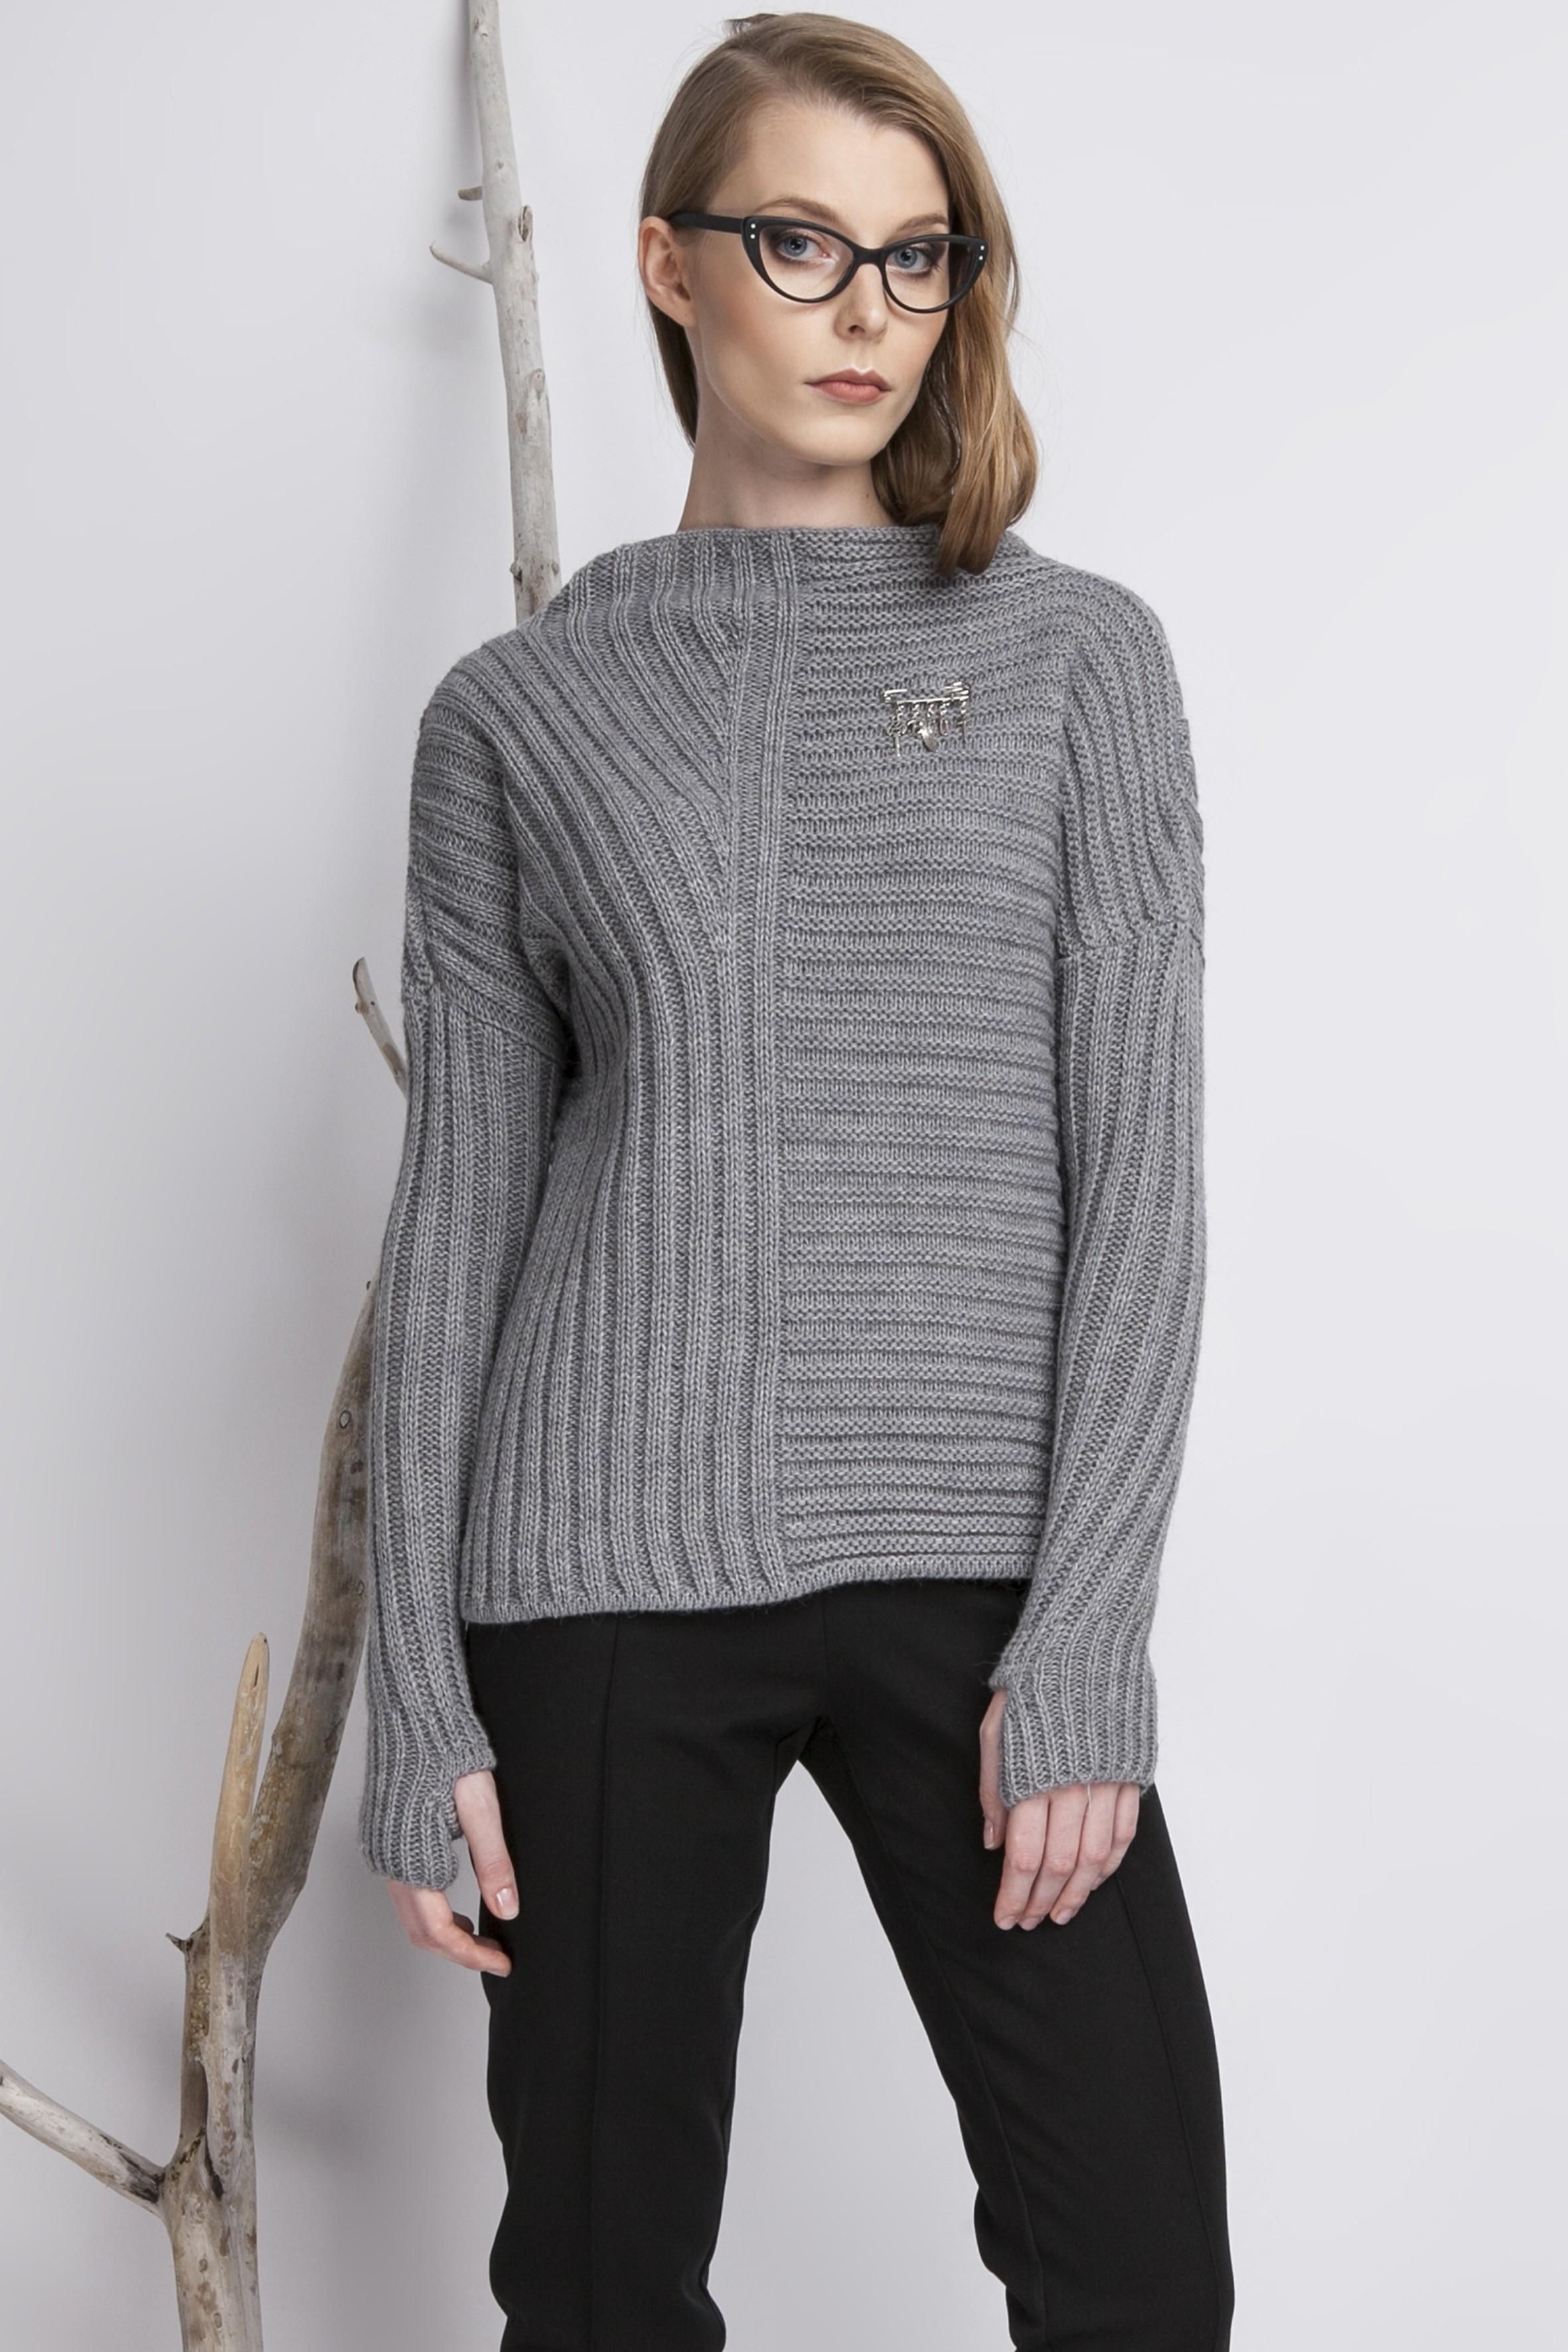 Thumbhole Sweater | Thumbhole Jacket | Thermal Shirt with Thumb Holes